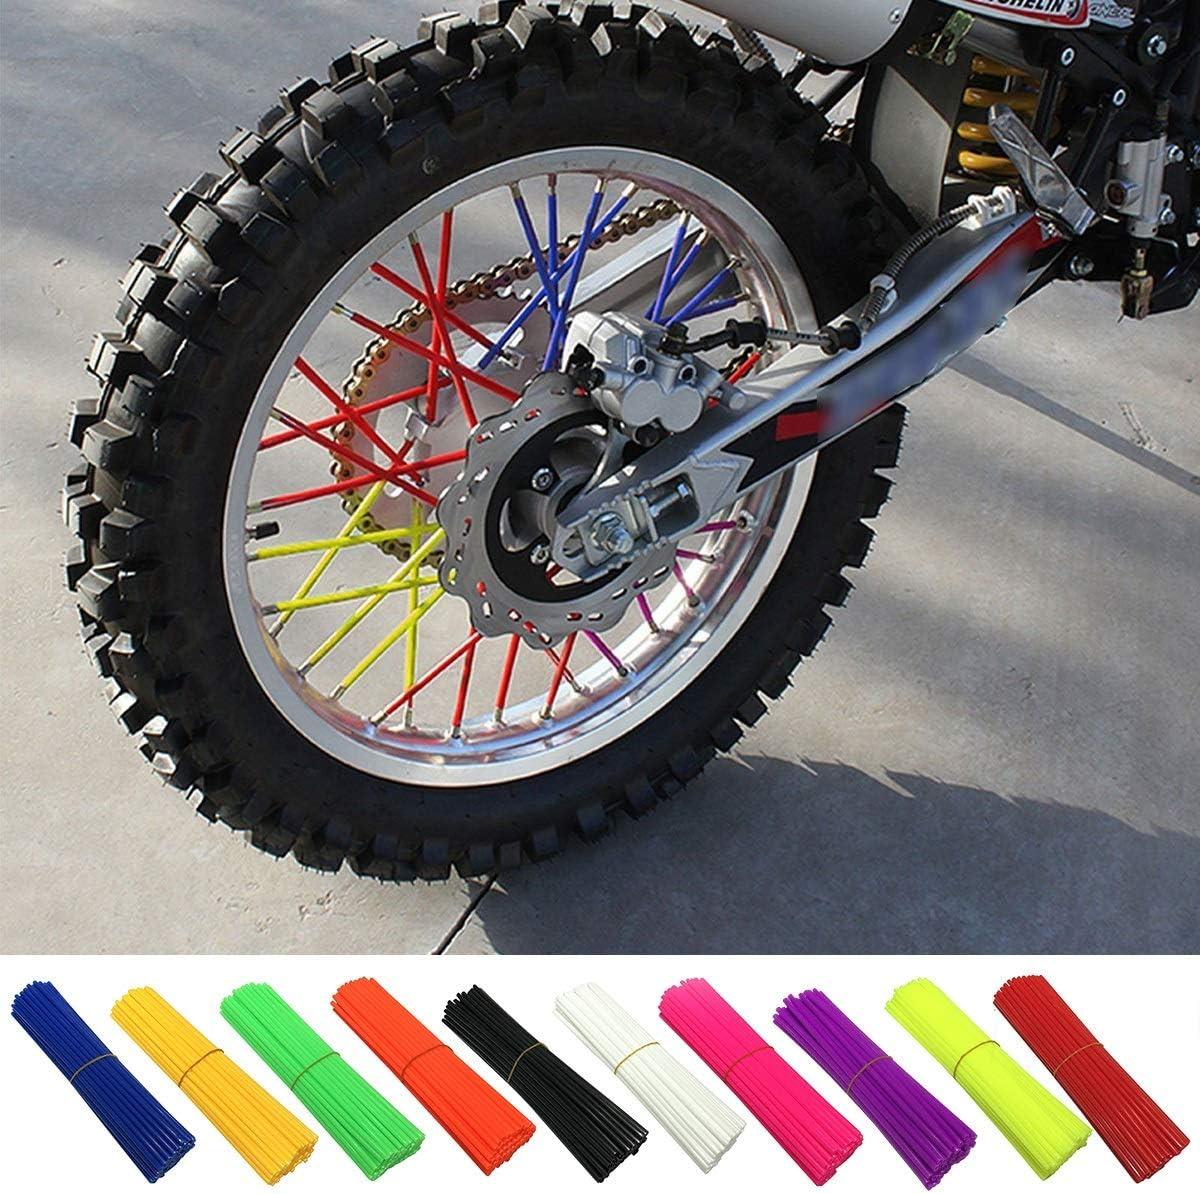 Wallfire Speichenhaut 72 Stücke Universal Bunte Speiche Skins Abdeckungen Für Motocross Dirt Bike Felgenschutzfolie Wraps Color Fluorescent Yellow Auto